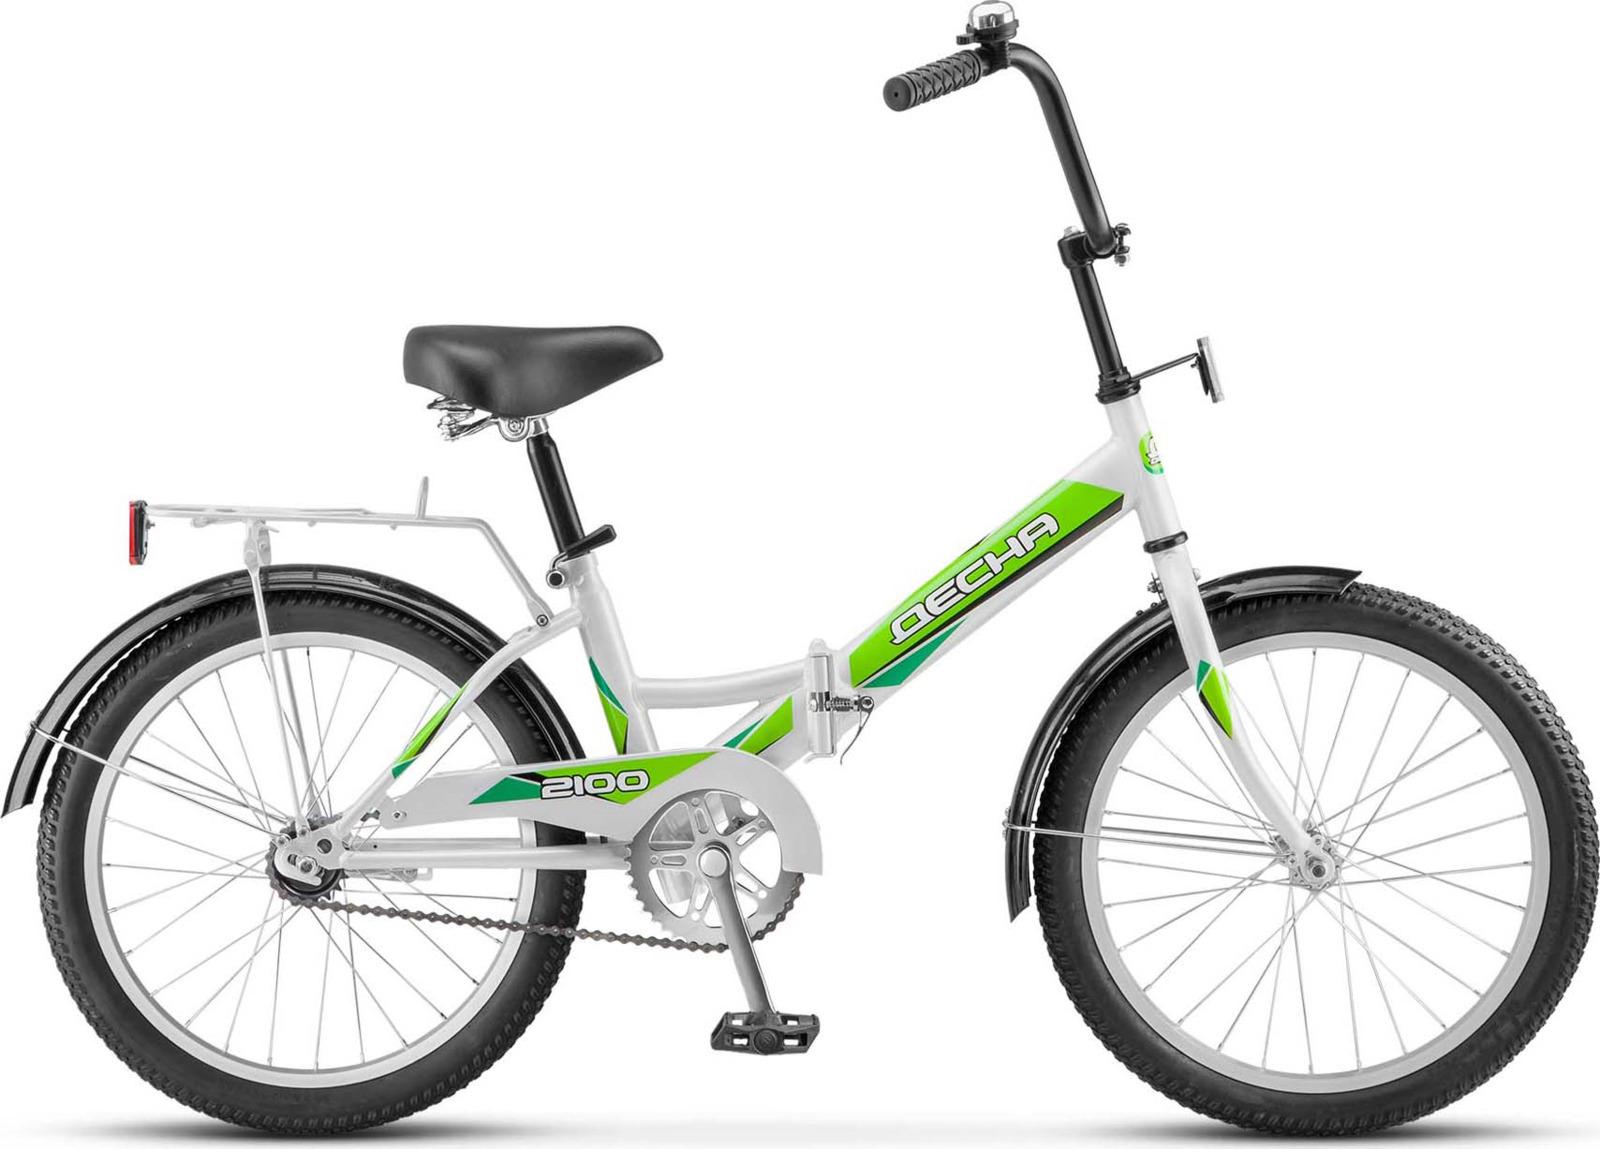 цена на Велосипед Stels Десна-2100 13, LU073253, зеленый